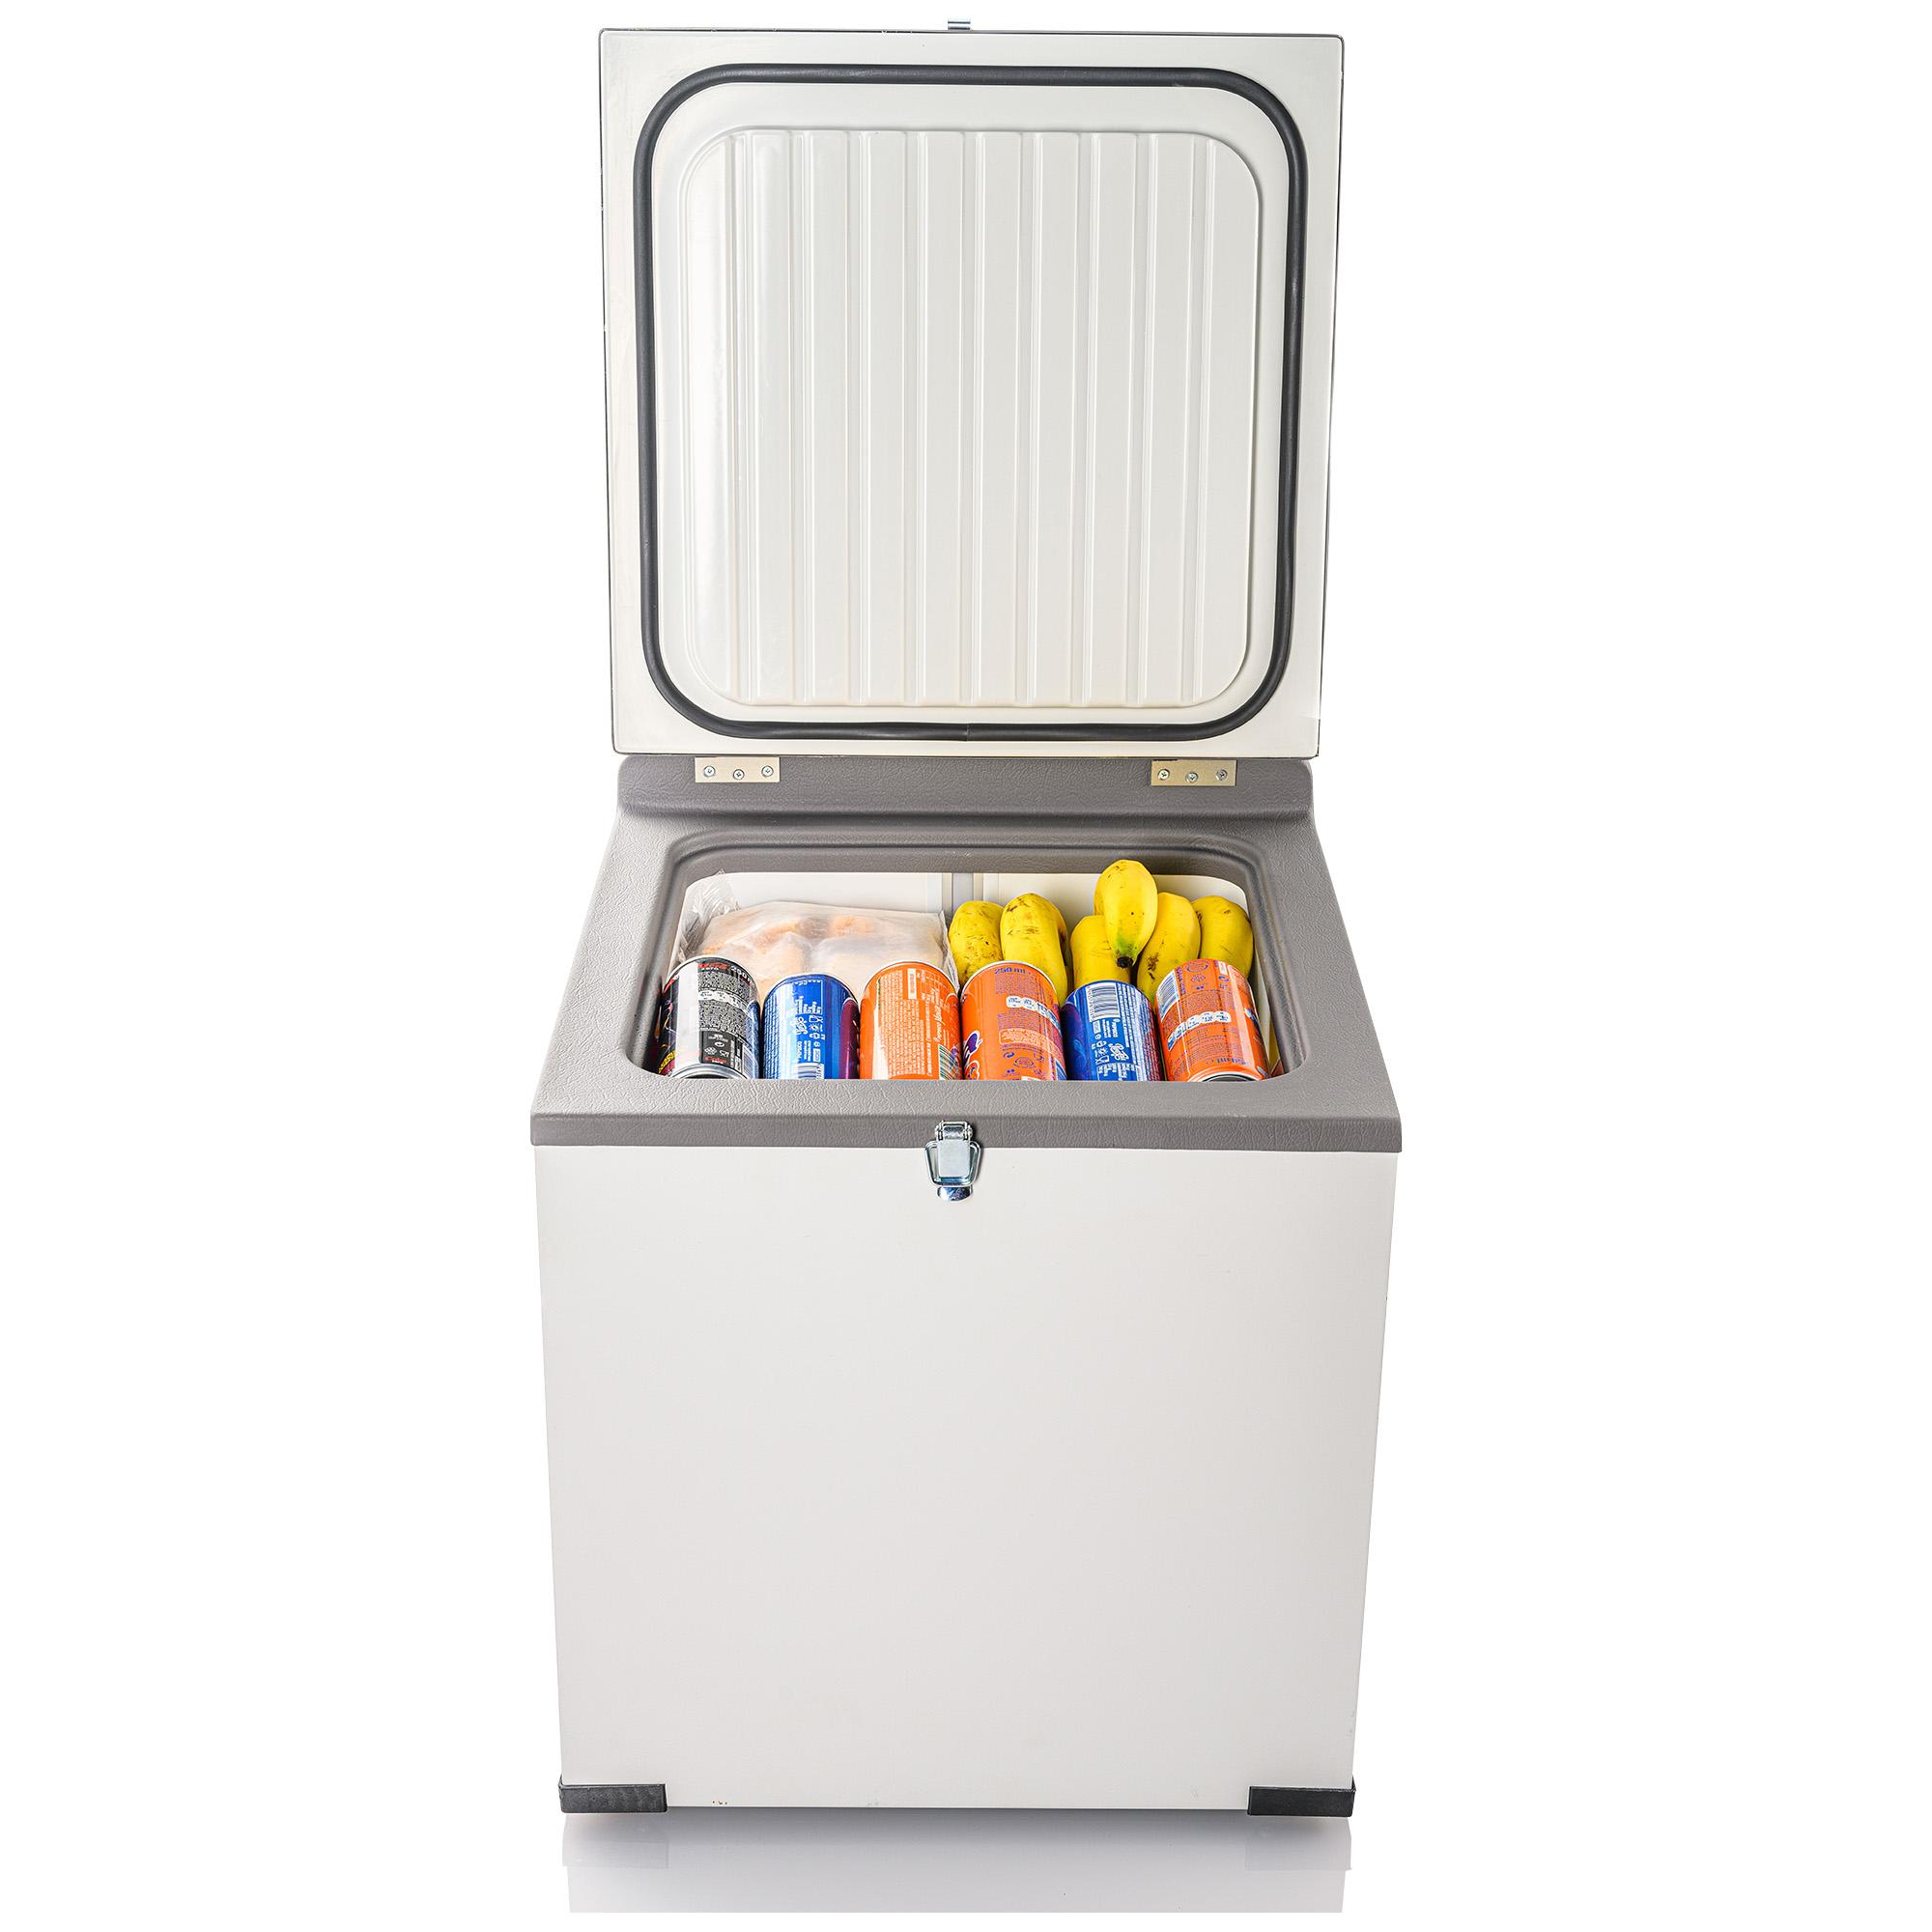 MET 4255 / 47 LT Soğutucu Araç Buzdolabı